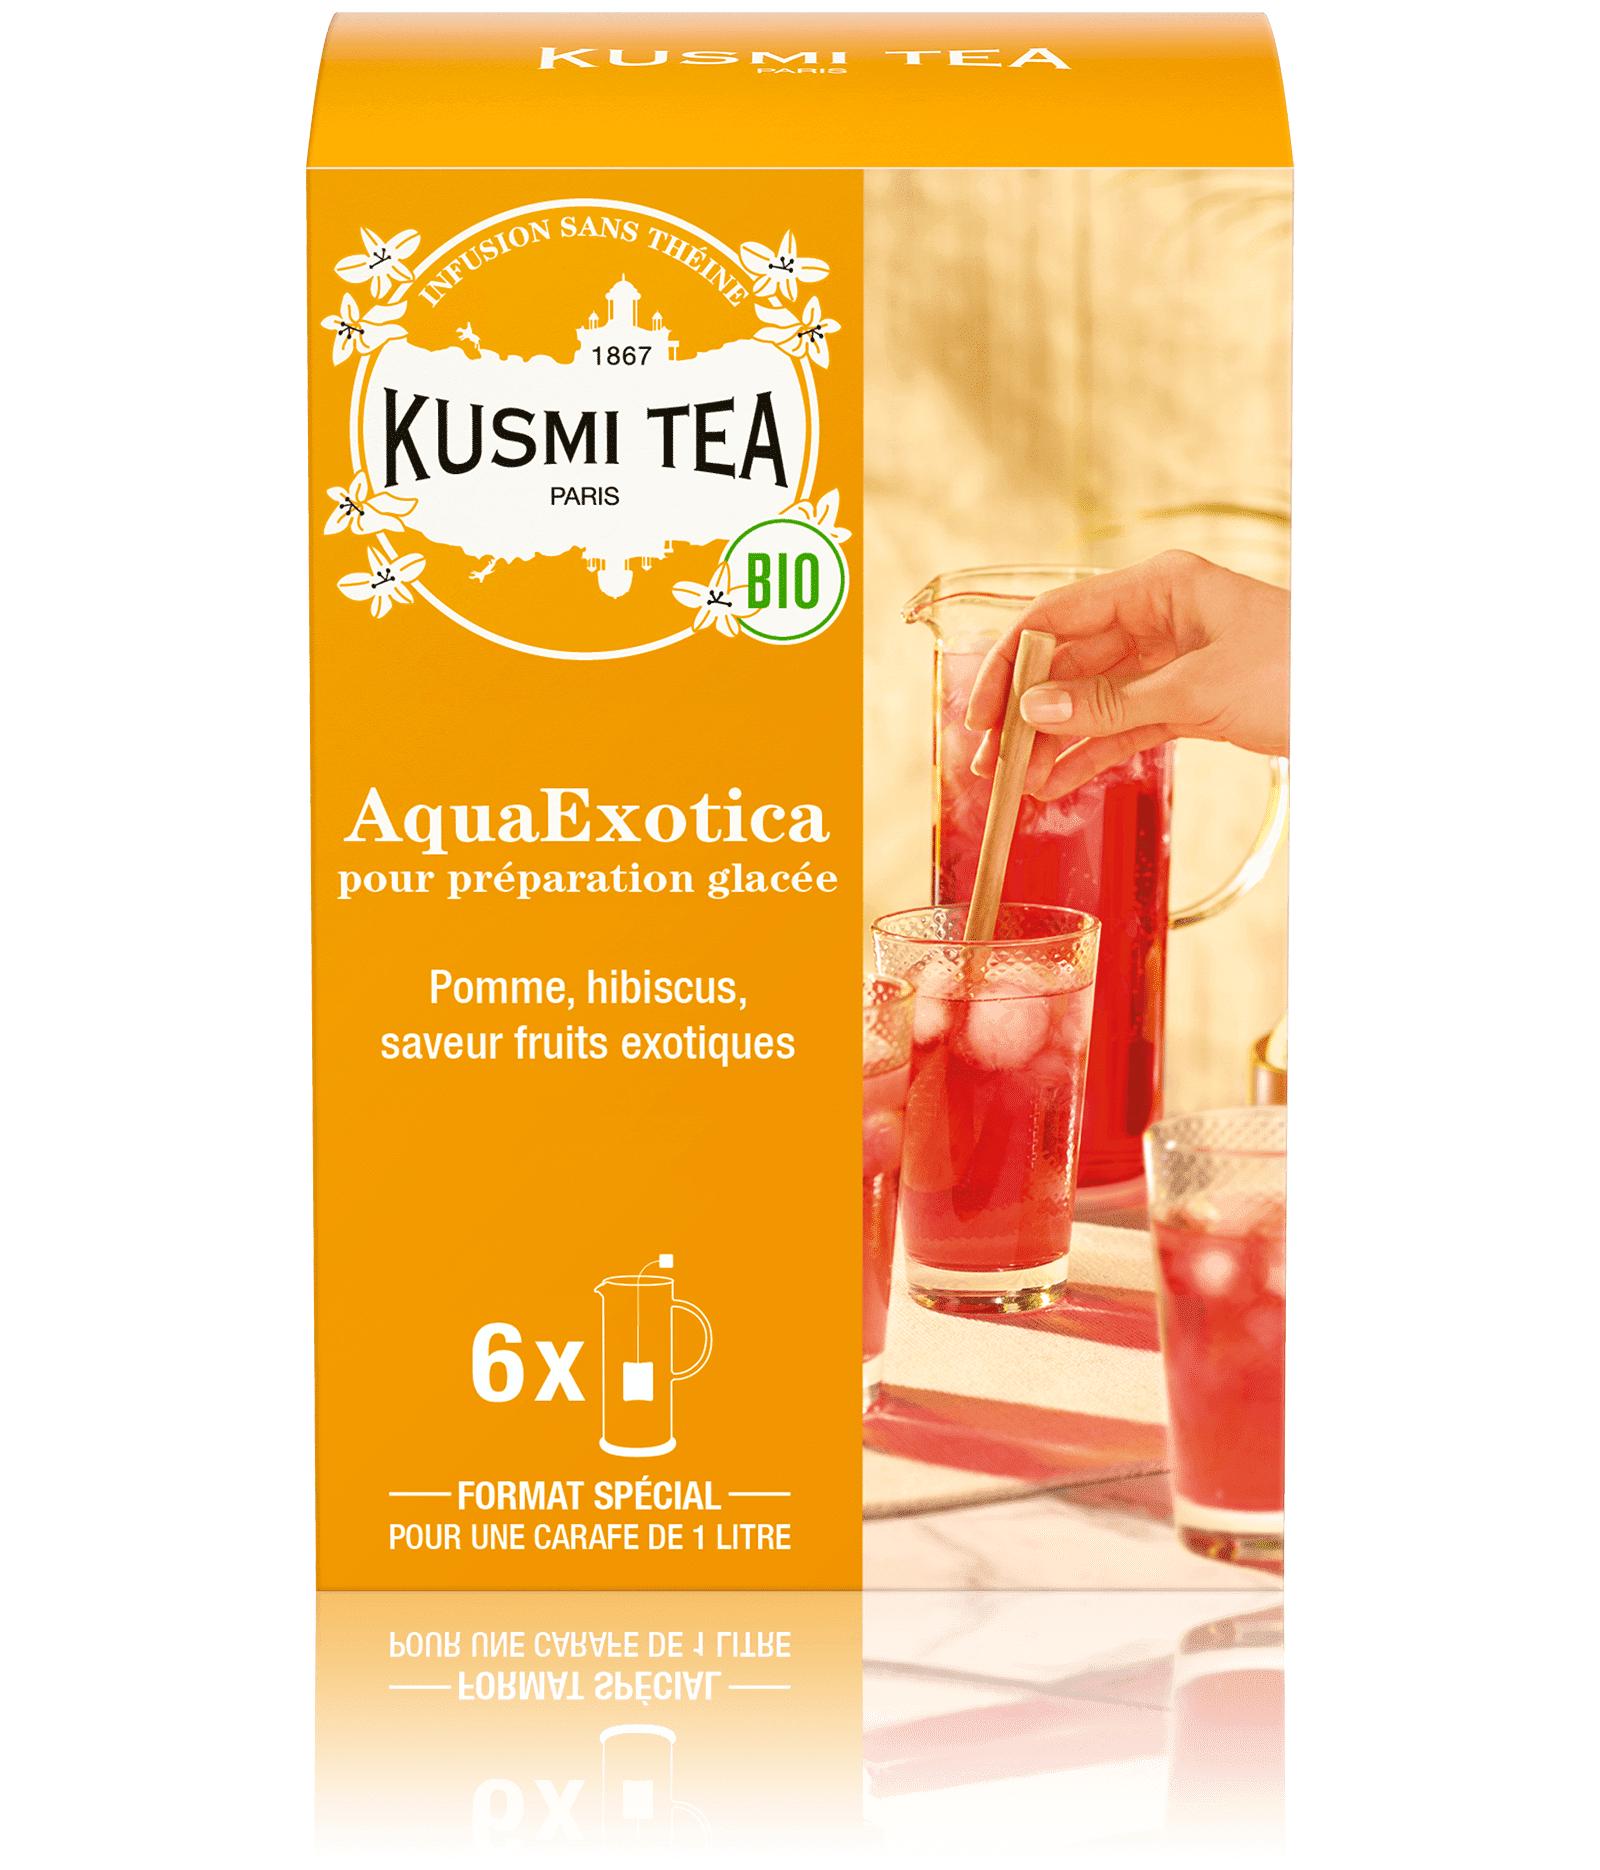 KUSMI TEA AquaExotica (Infusion de fruits bio) - Infusion hibiscus, mangue - Sachets de thé - Kusmi Tea